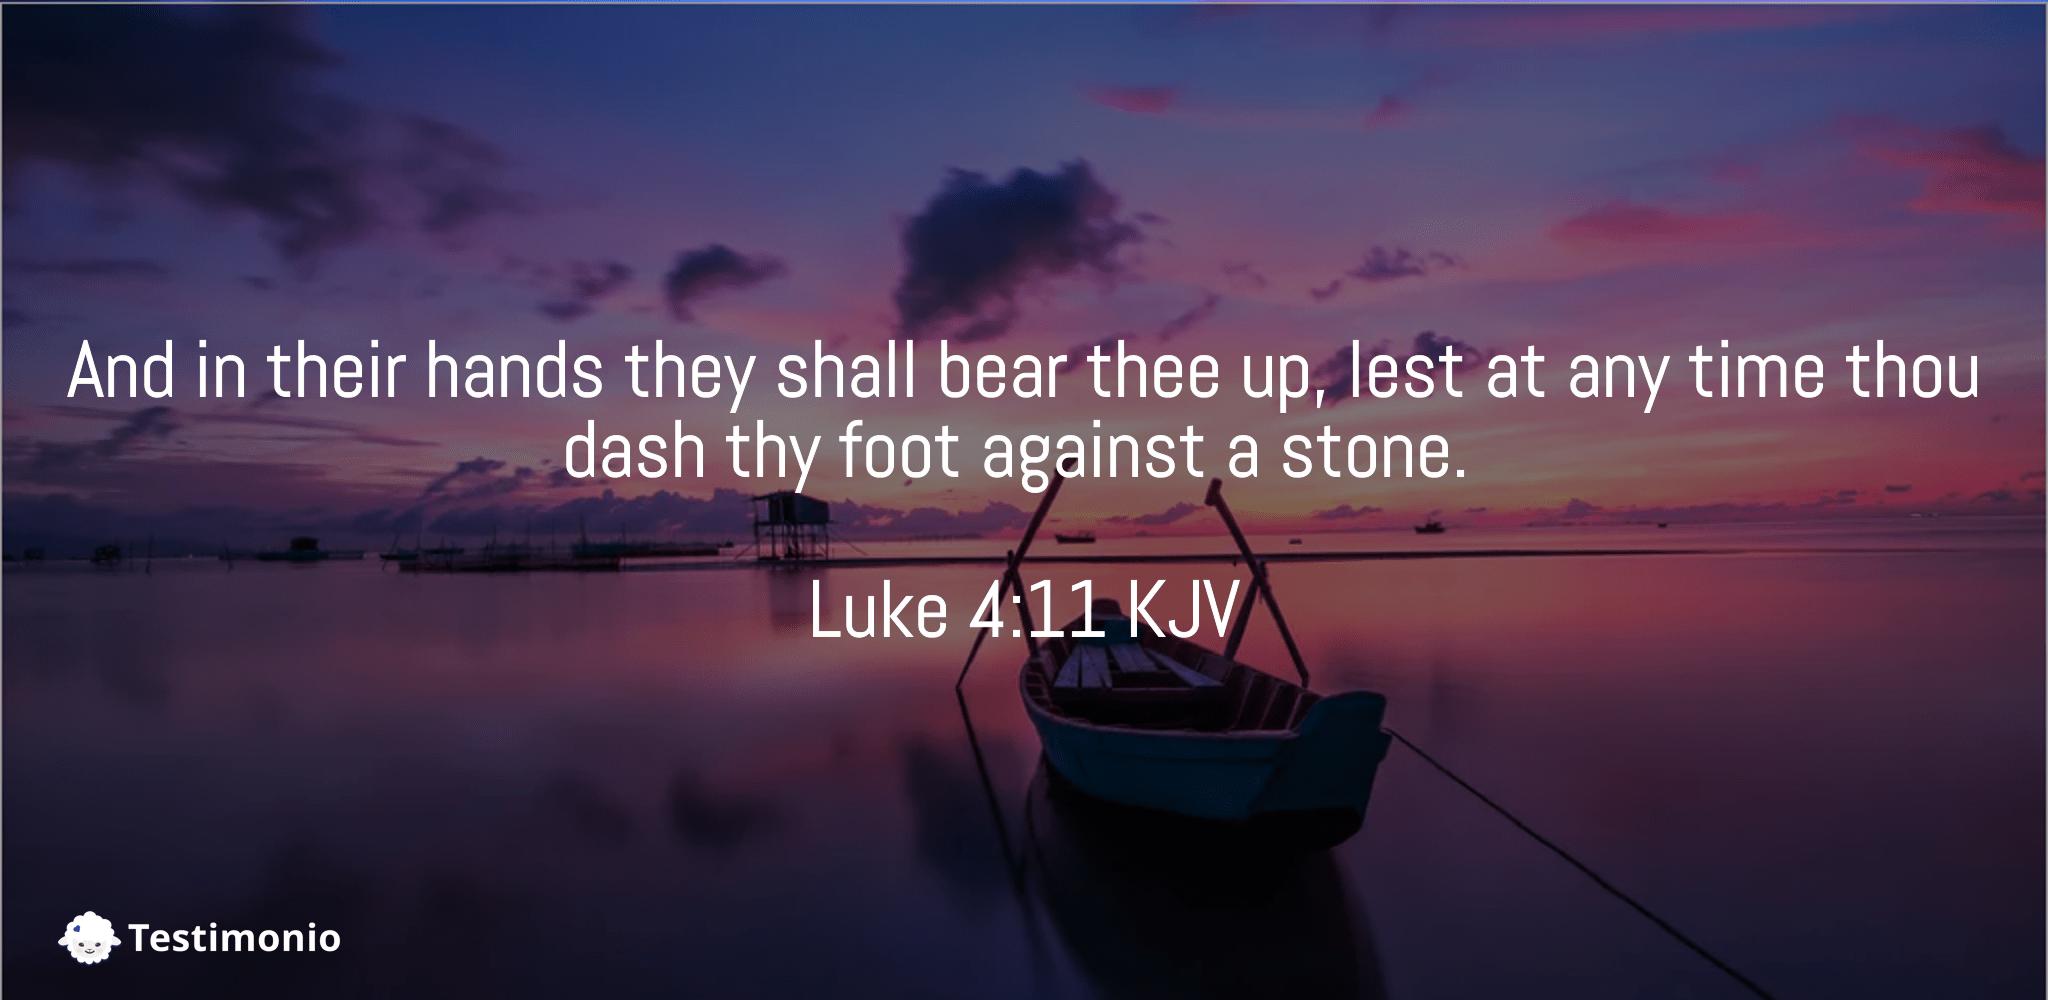 Luke 4:11